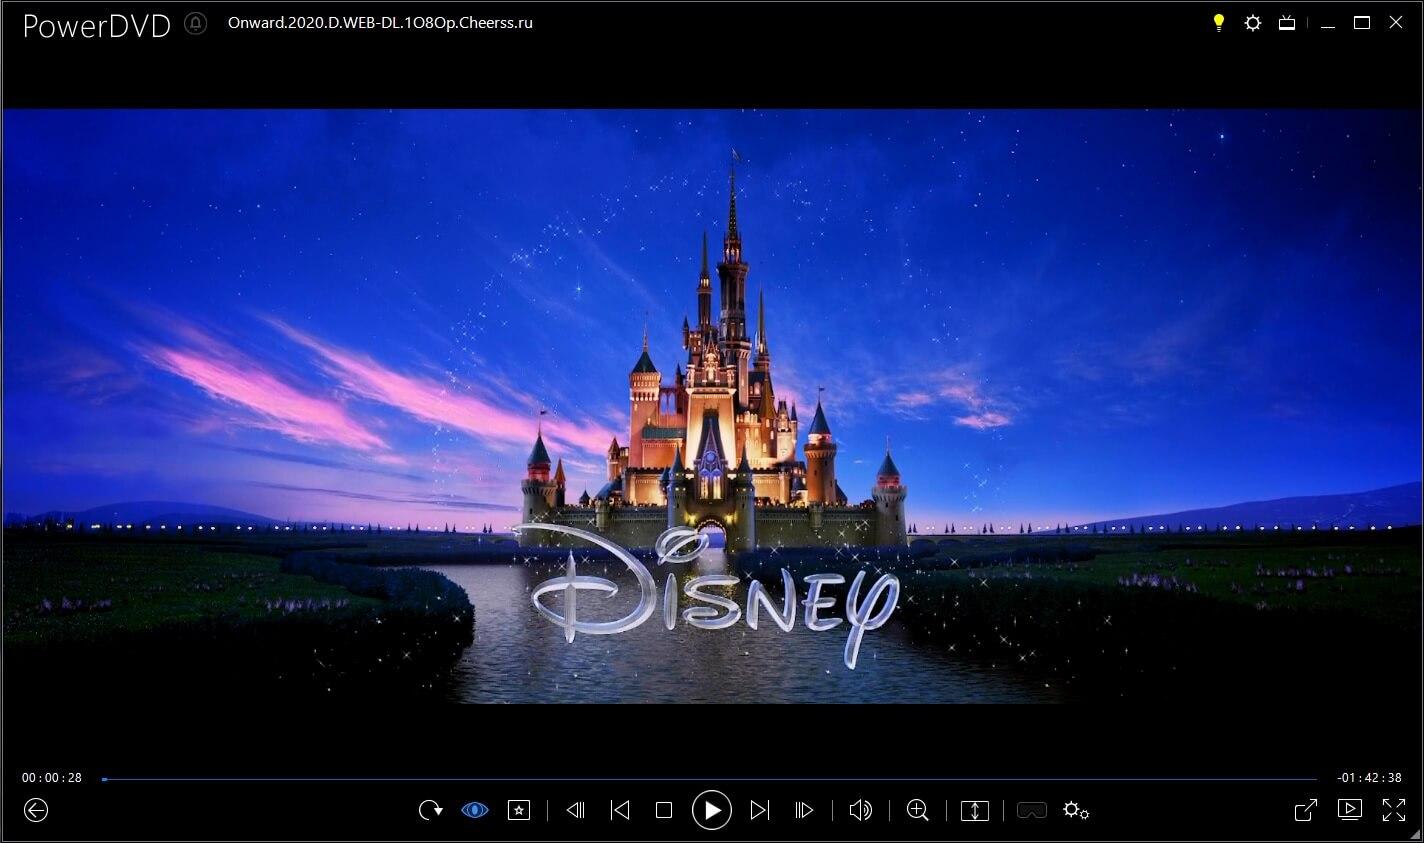 PowerDVD обзор видеоплеера